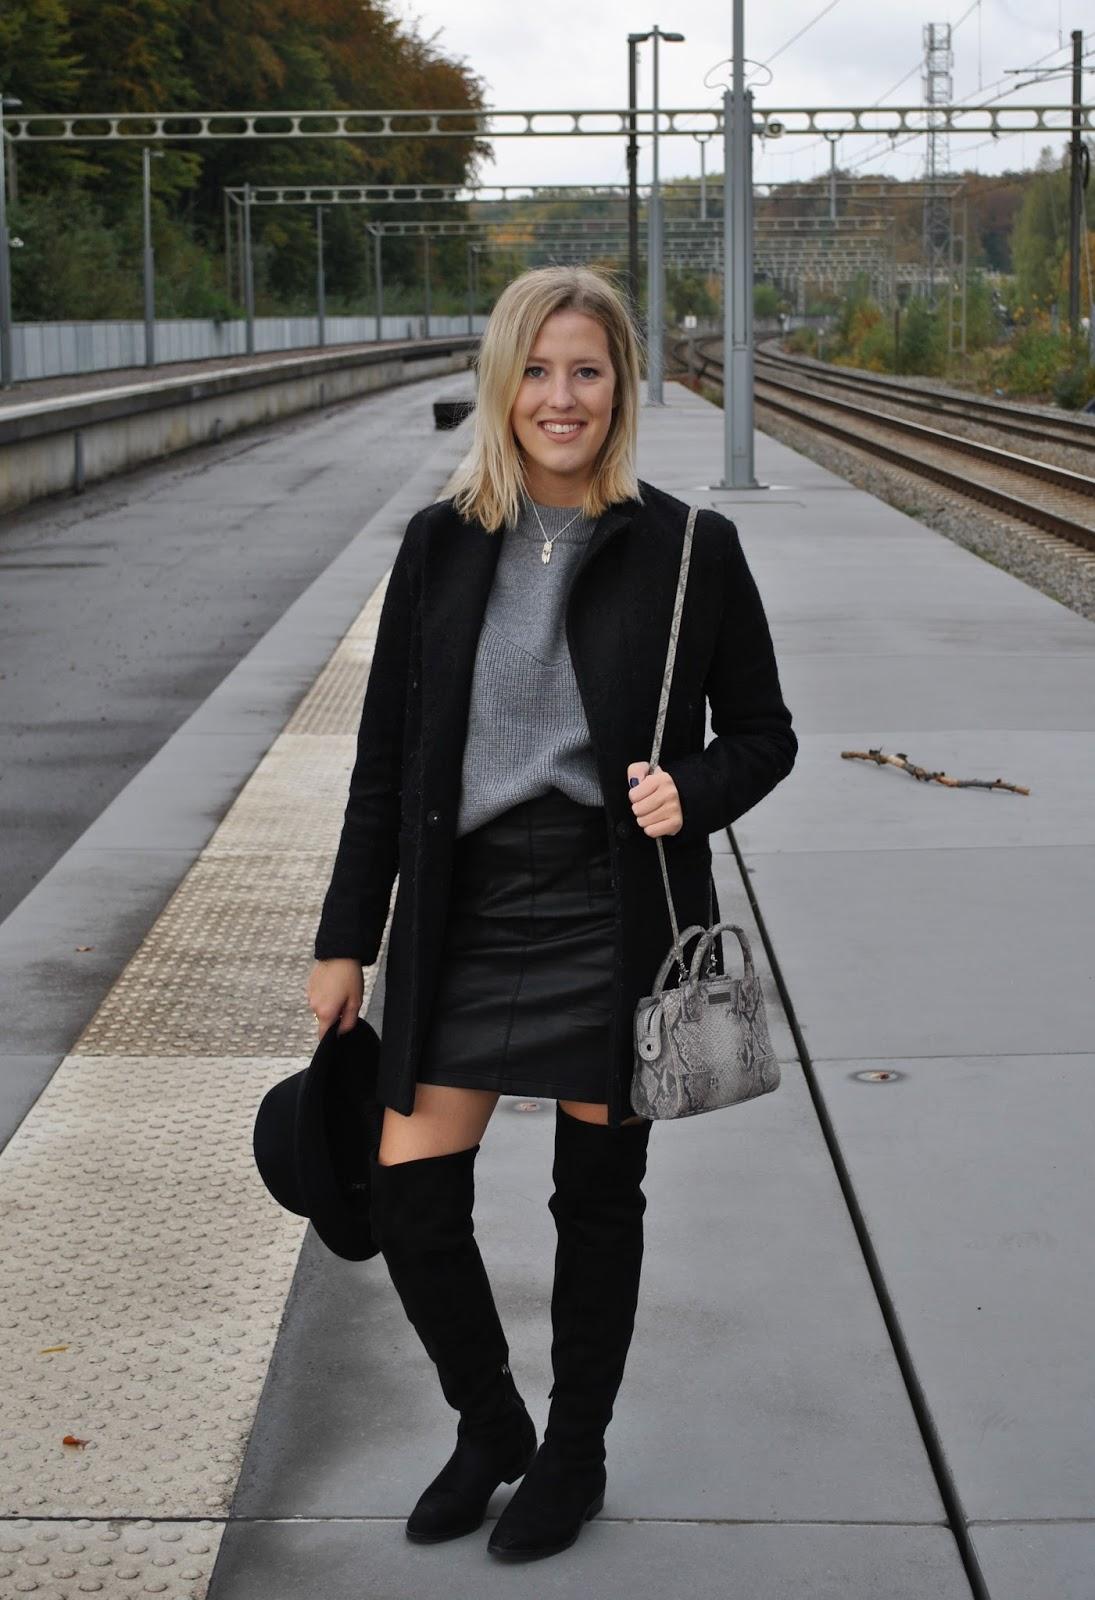 Comment porter la jupe en cuir avec des cuissardes british stylish - Comment porter un trench femme ...